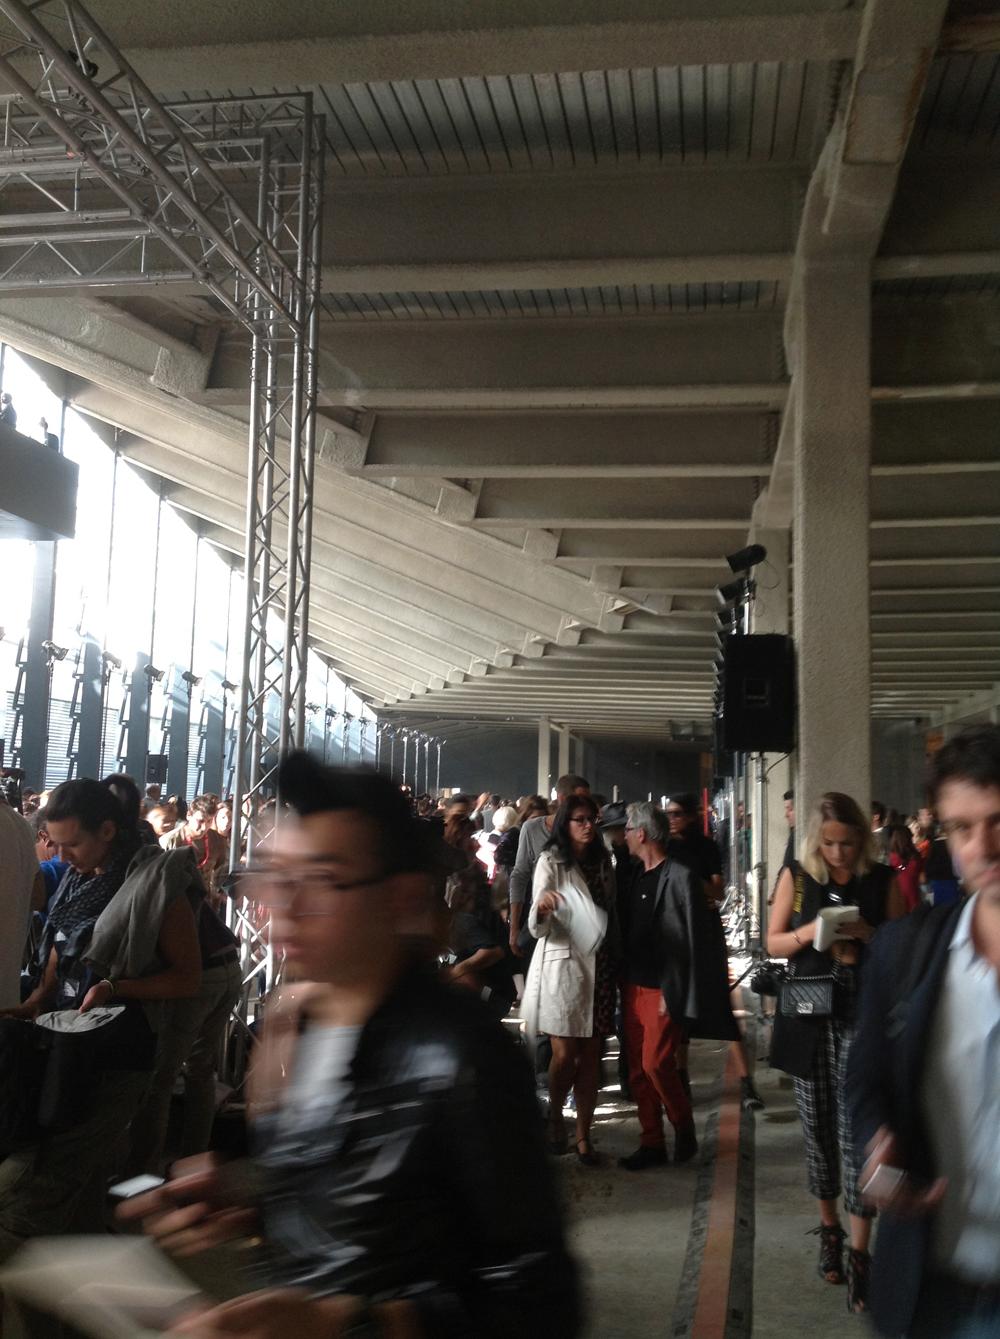 et défilé werd gelopen in de kelder van een Milanees gebouw in heropbouw.